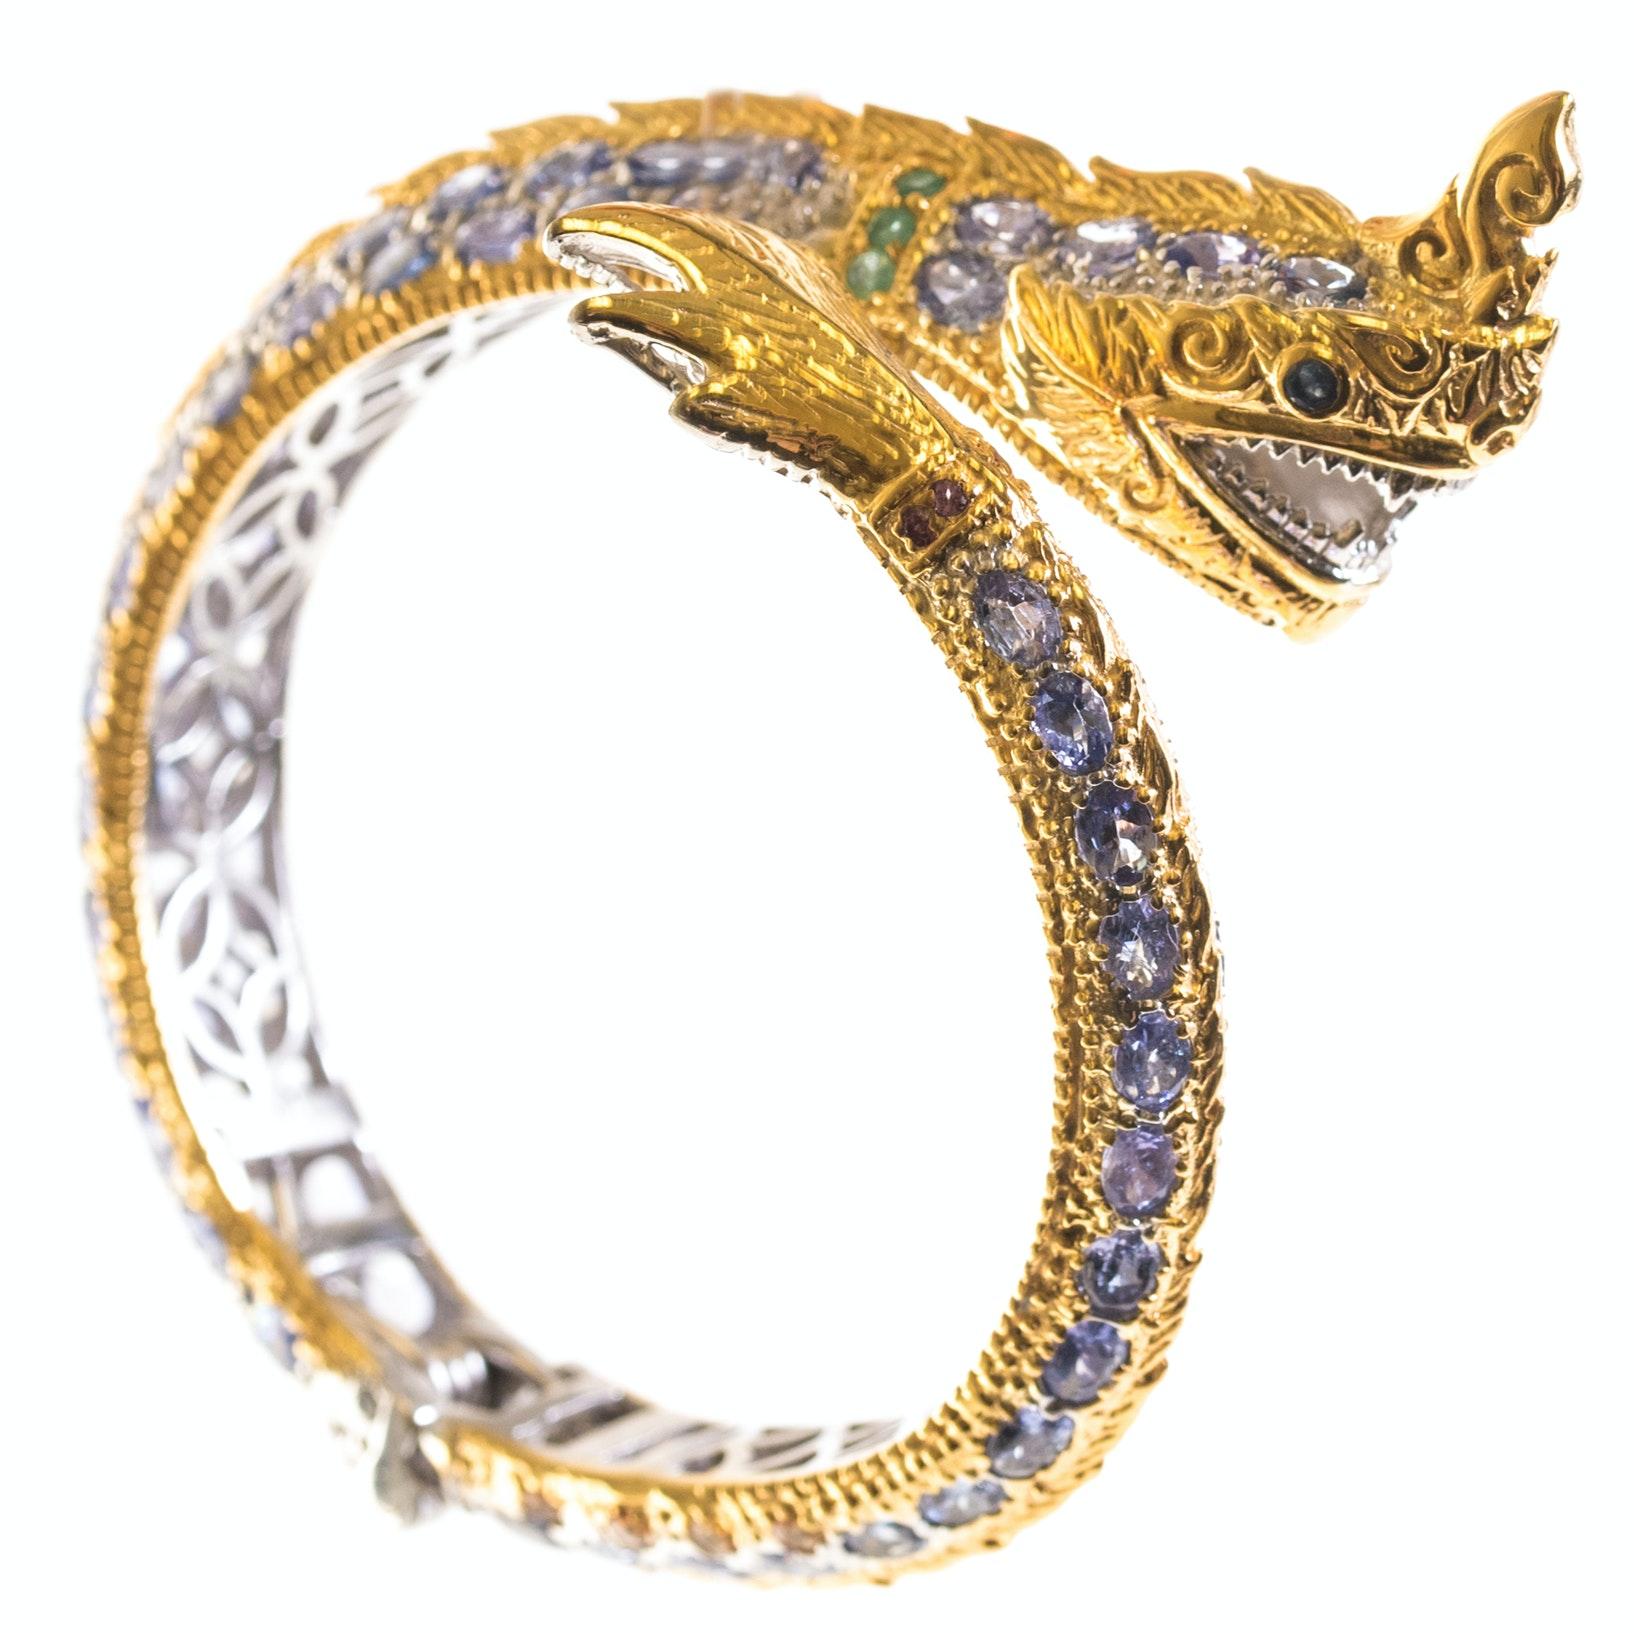 Sterling Silver Emerald, Tanzanite, and Sapphire Dragon Bangle